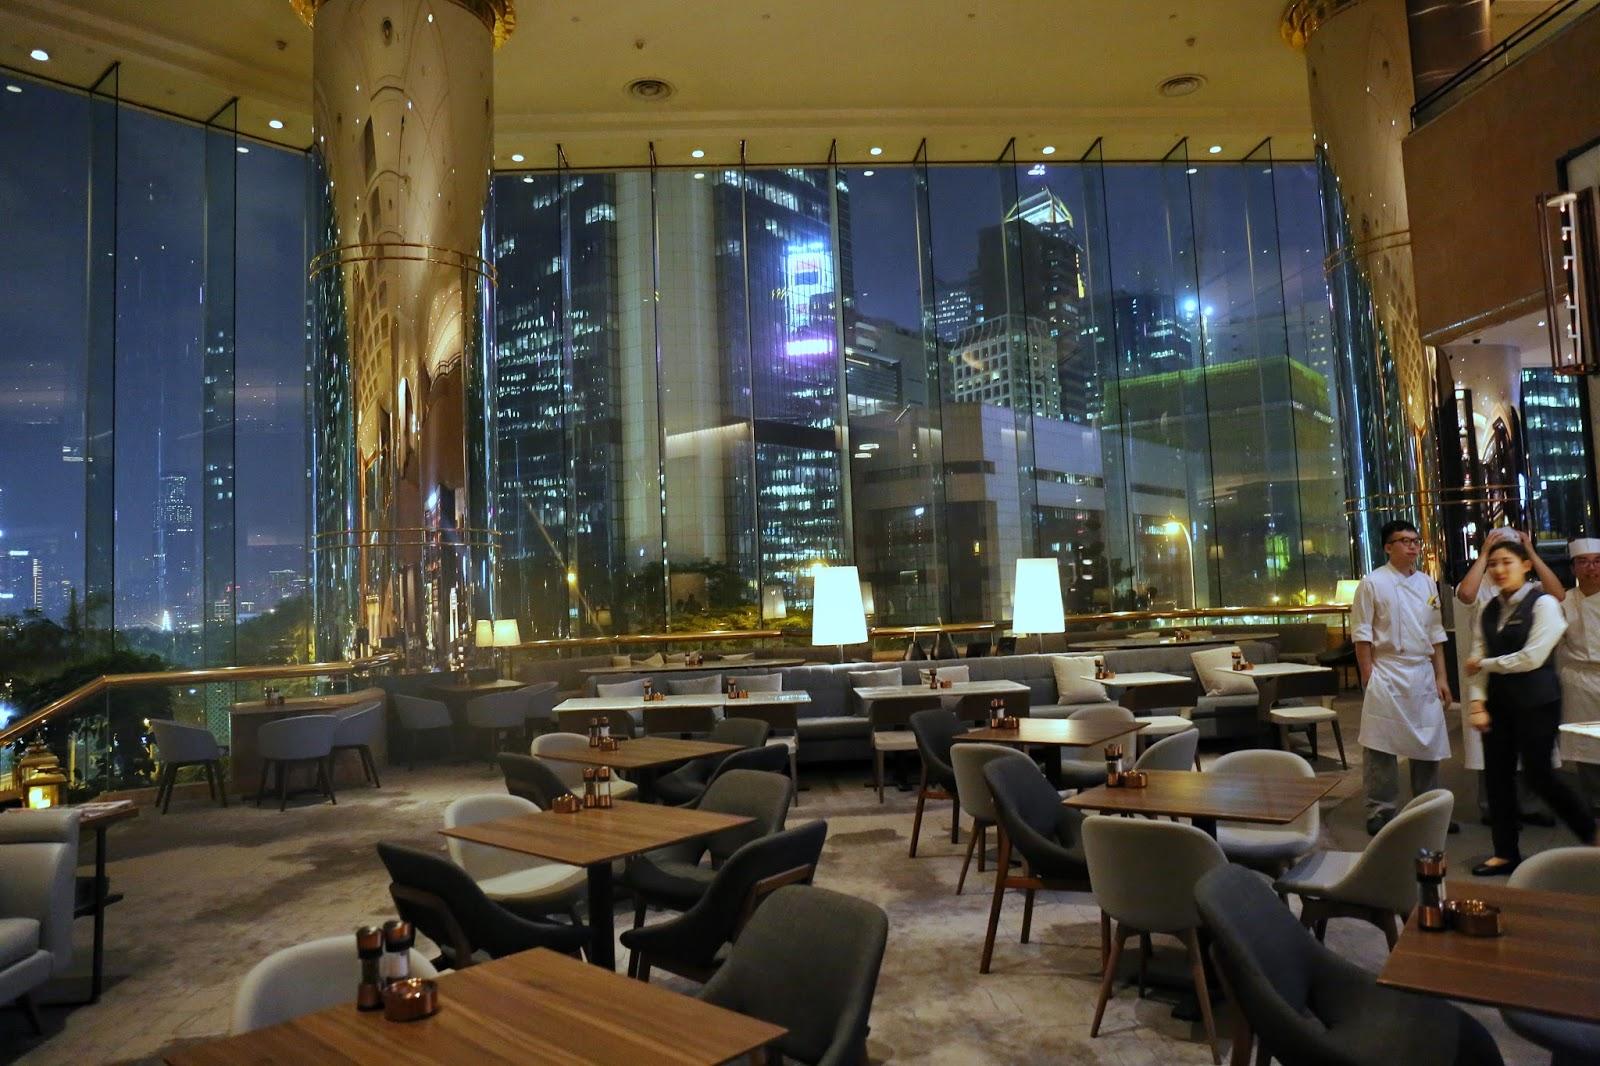 香港JW萬豪酒店 : The Lounge 一週年送大禮 + 萬豪菇菌菜式 | 甜魔媽媽新天地 – U Blog 博客